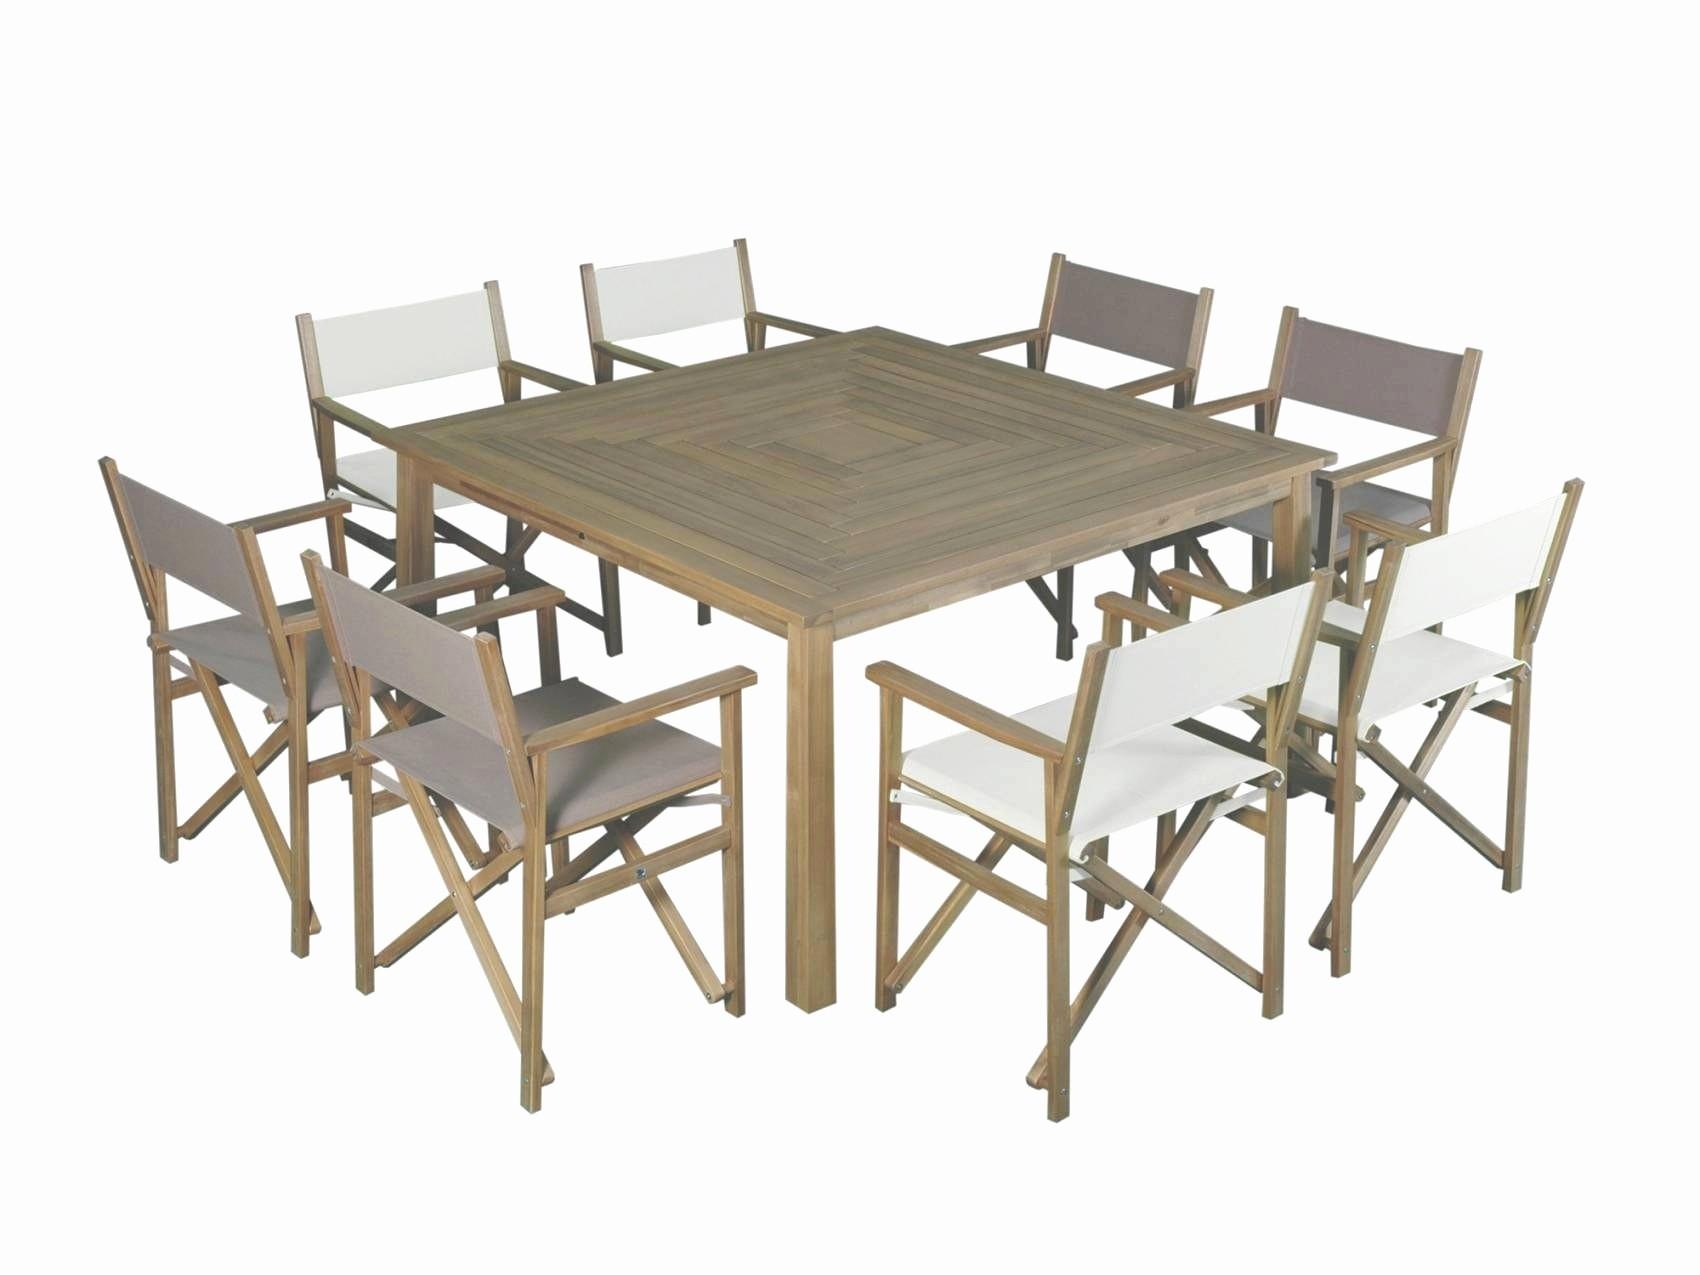 Serre De Jardin Pas Cher Leclerc Unique Collection Table De Jardin Pas Cher En Plastique Leclerc Avec Traditionnel top